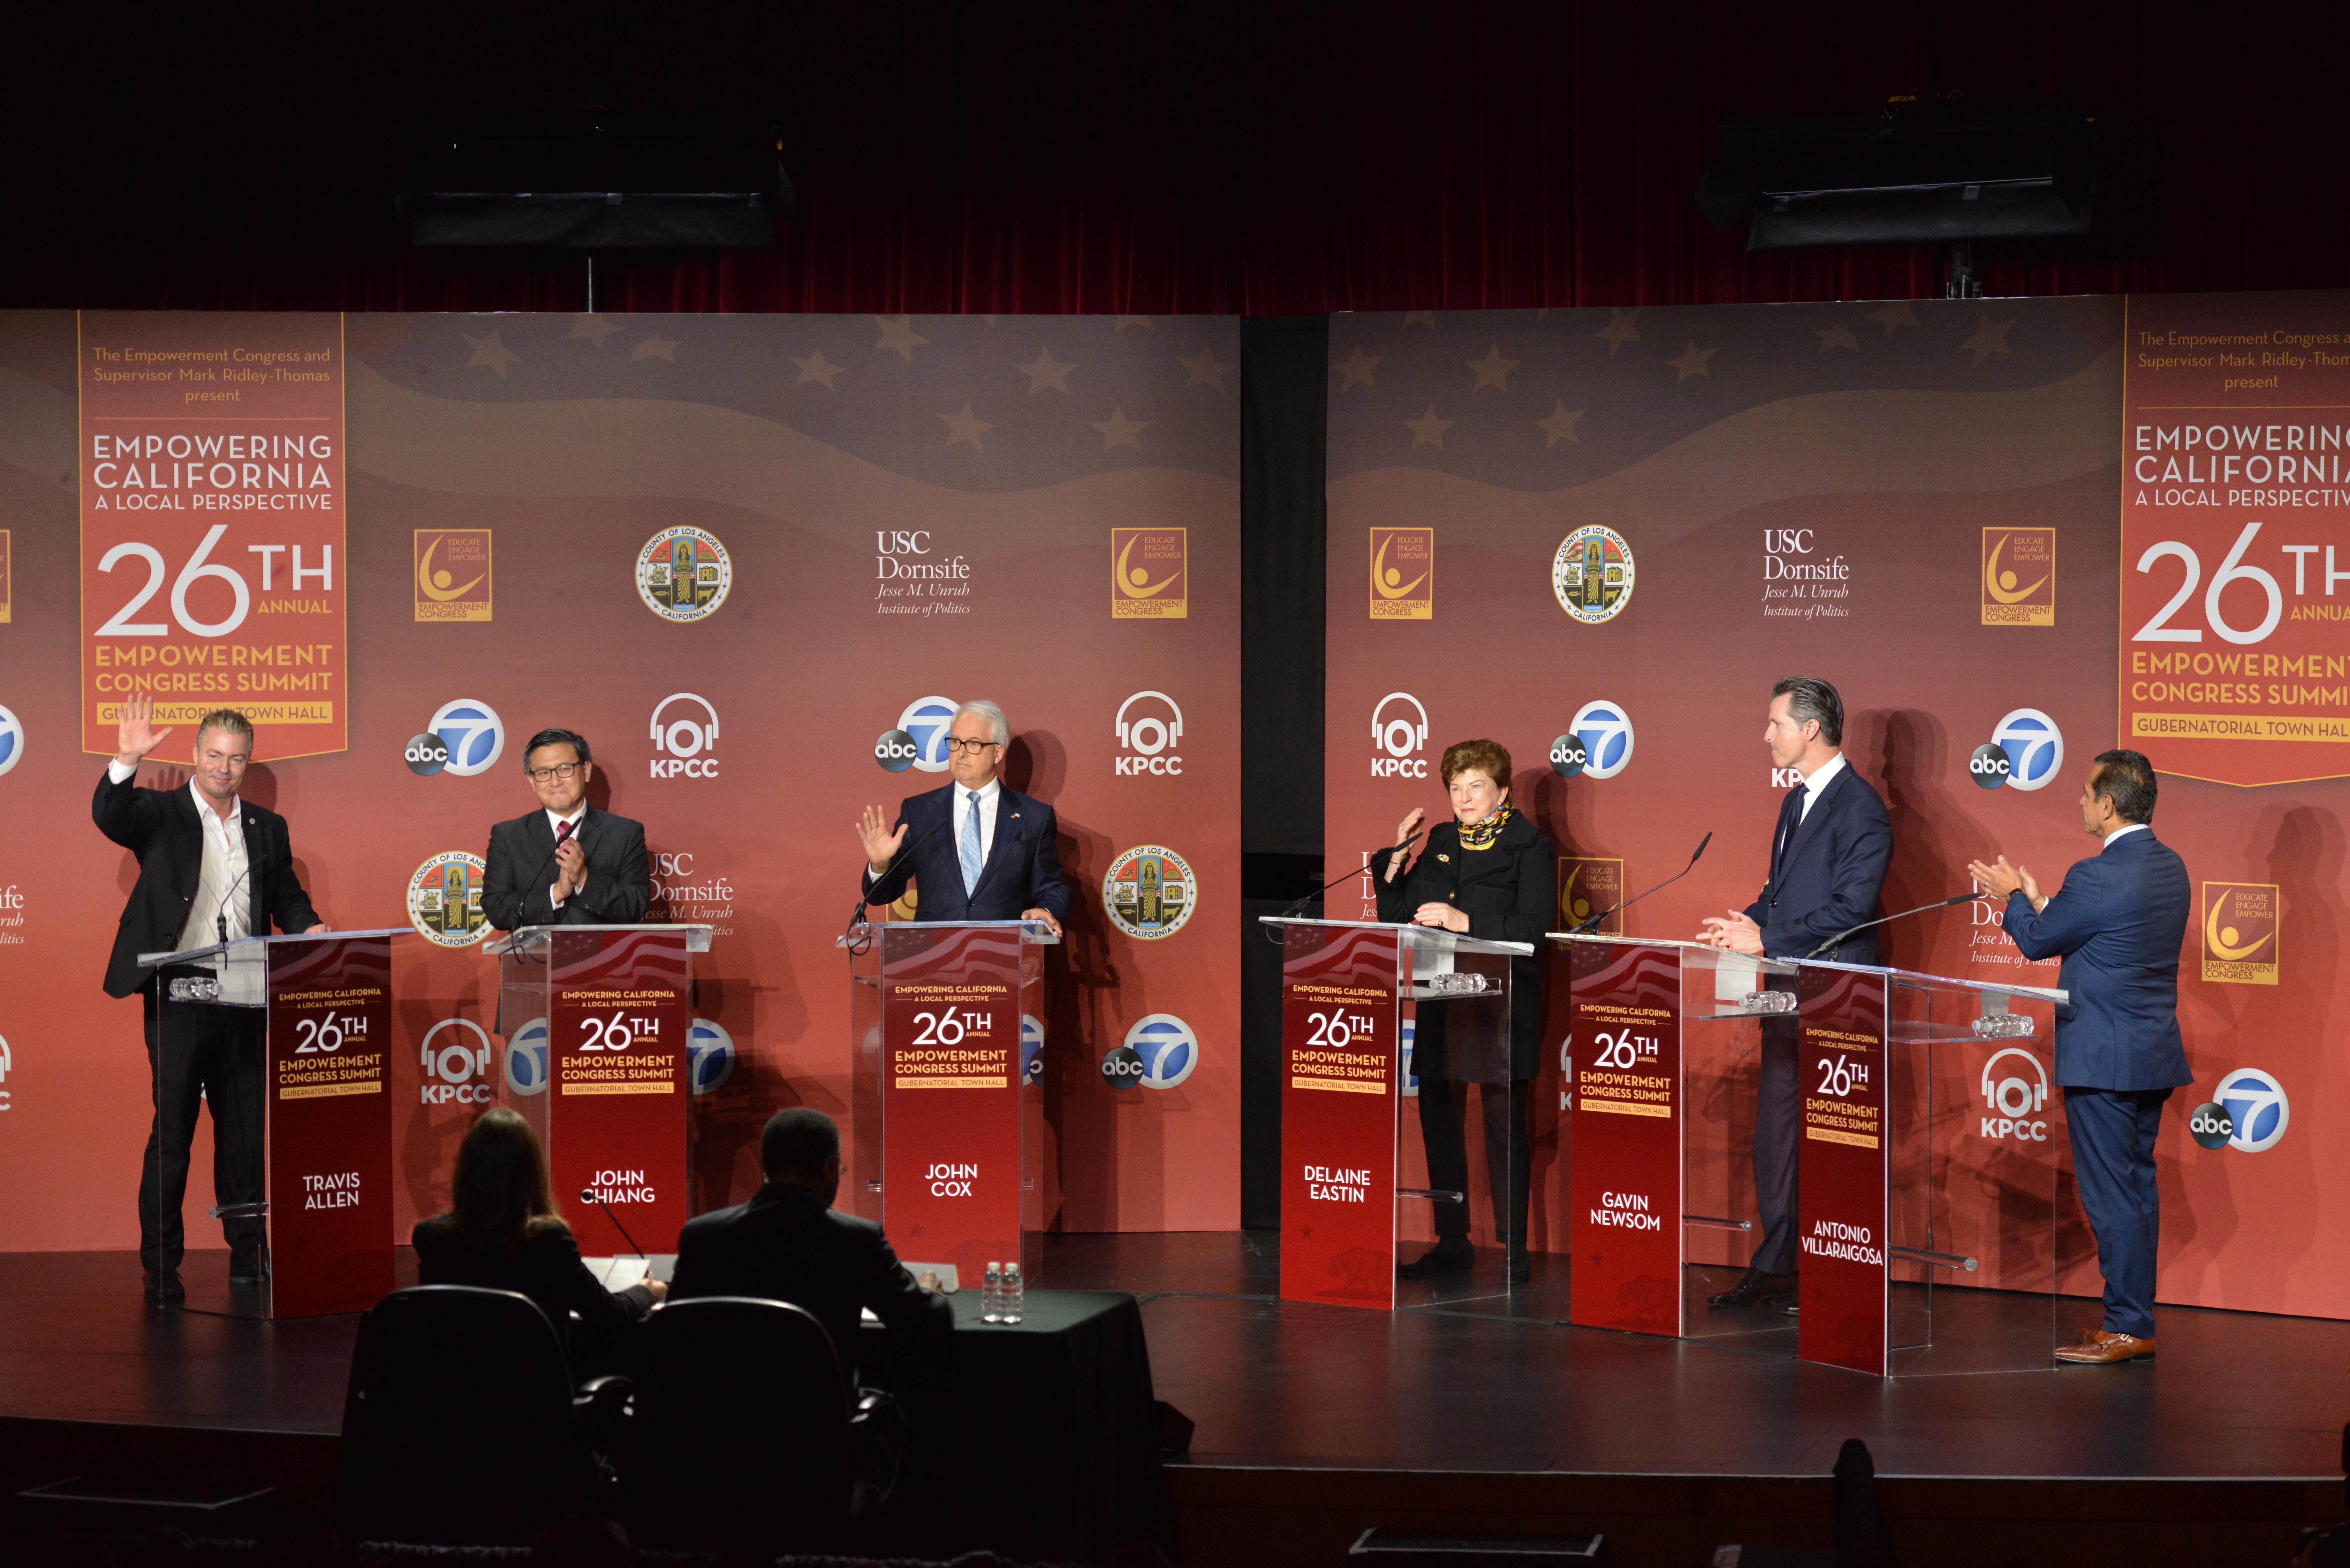 六名加州州長候選人就社會問題進行答辯。主辦方提供